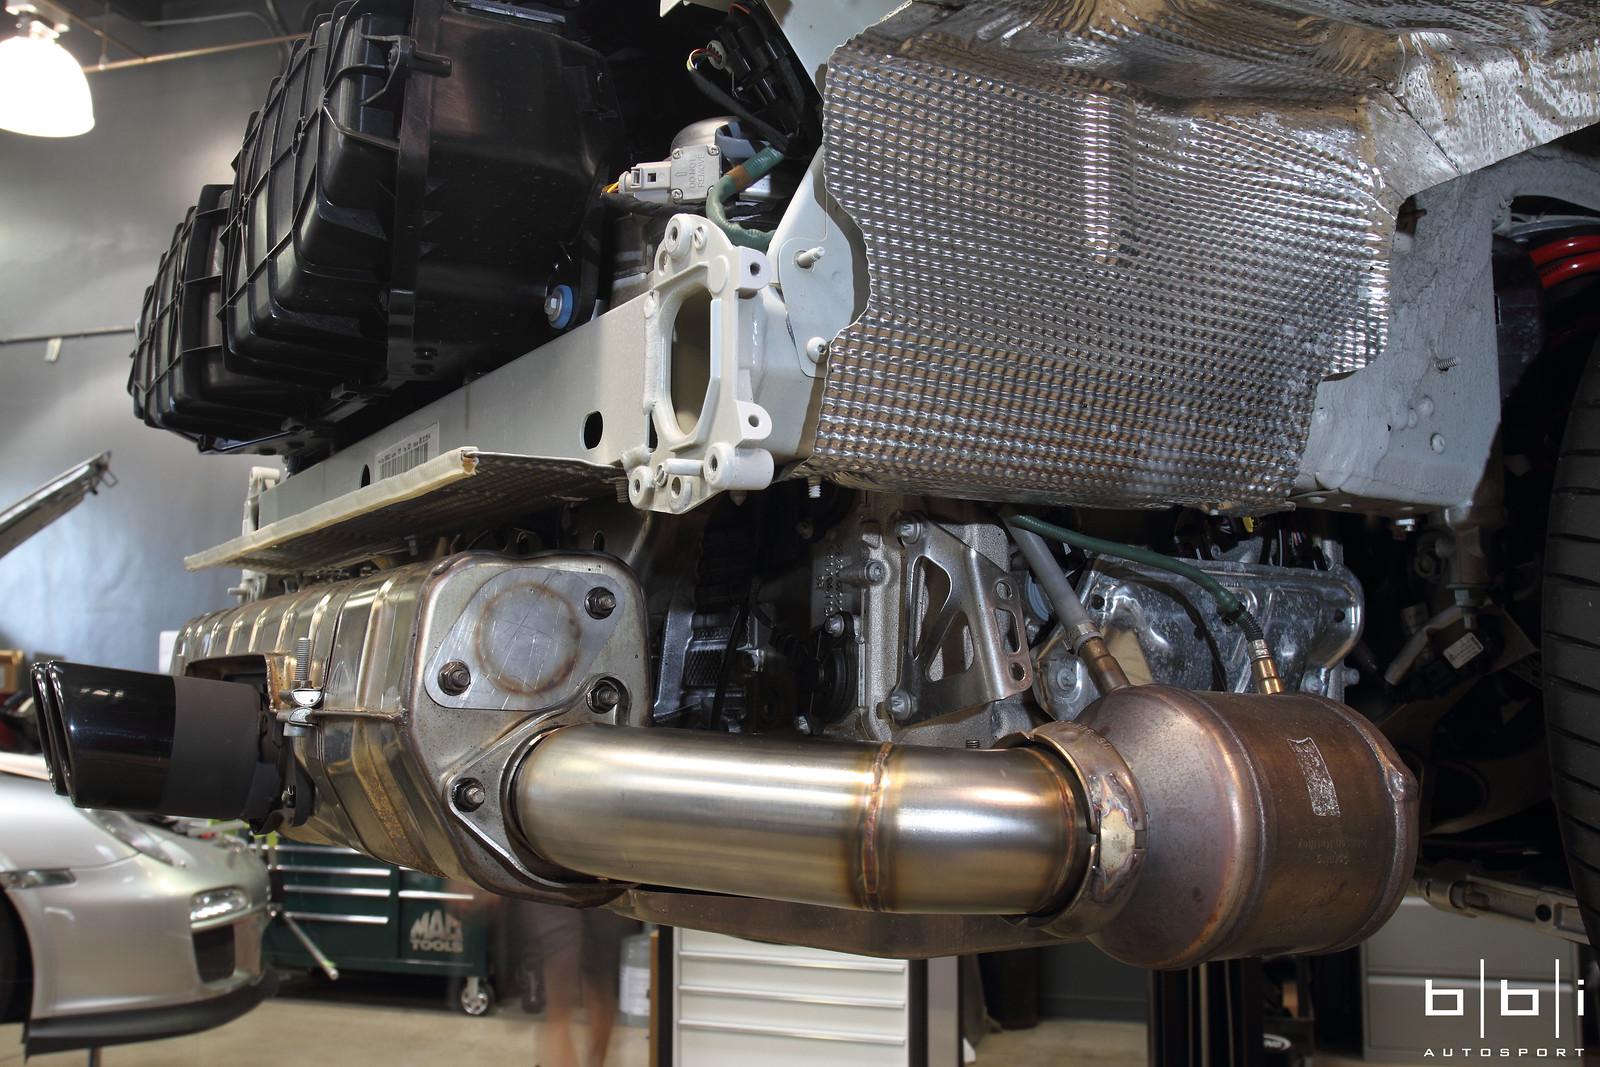 Bbi Autosport Porsche 997 Gt3 Gt3rs Streetcup Exhaust